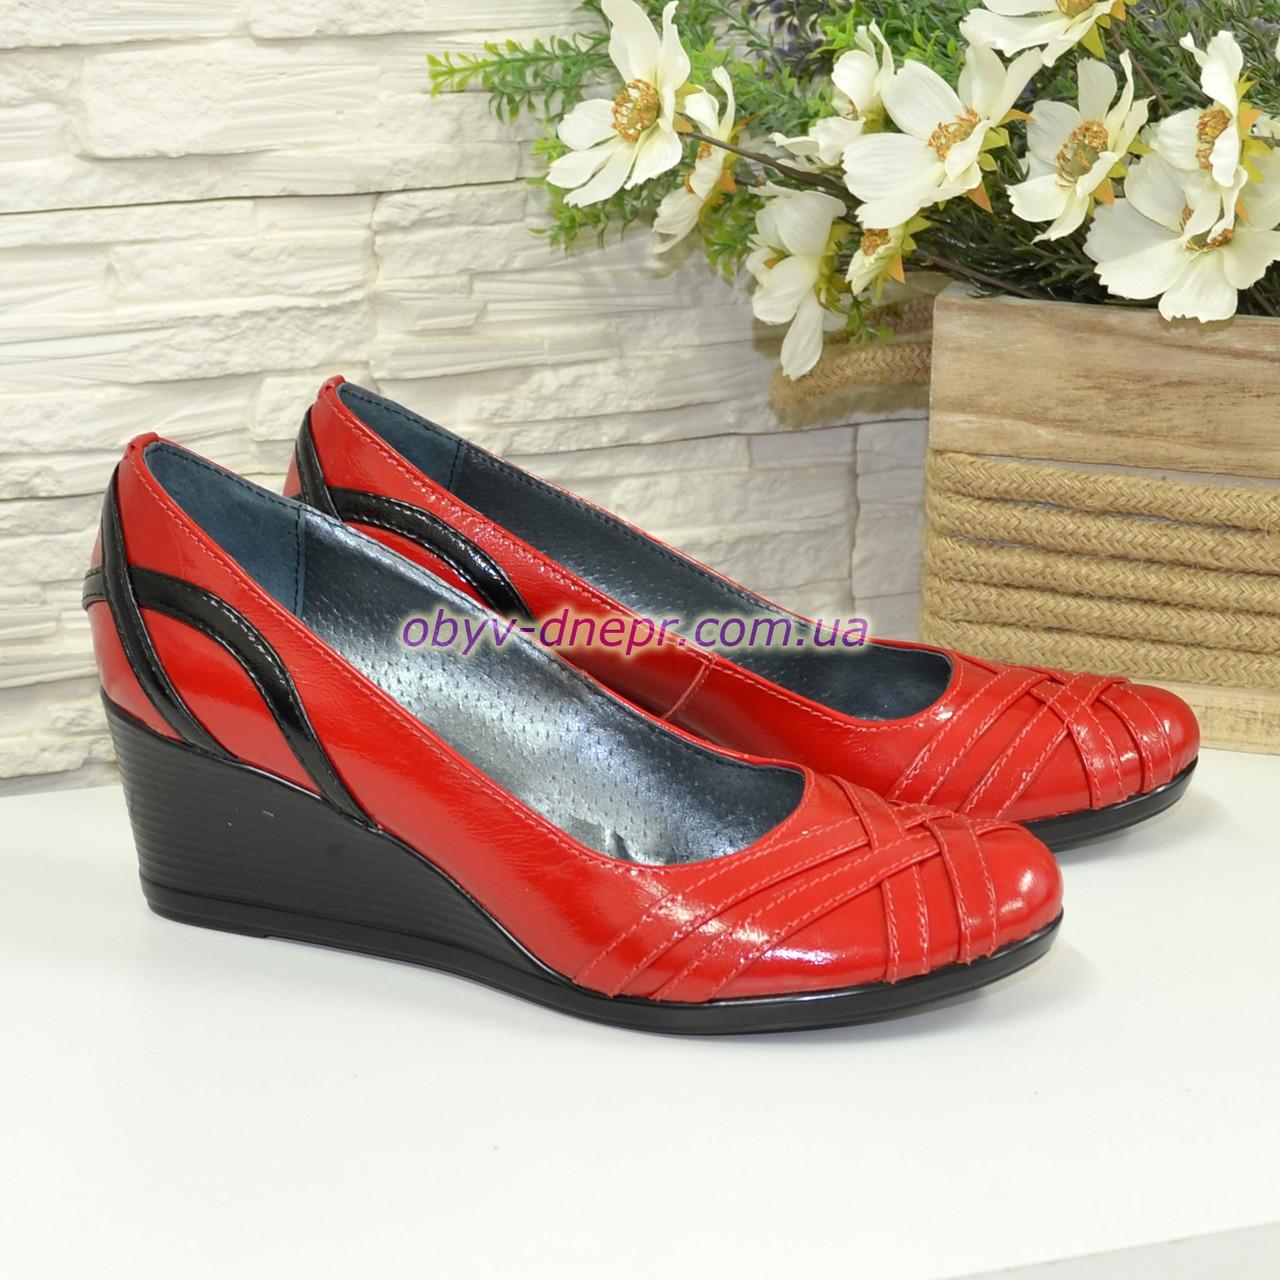 """Женские красные лаковые туфли на танкетке с плетением из лаковой кожи. ТМ """"Maestro"""""""